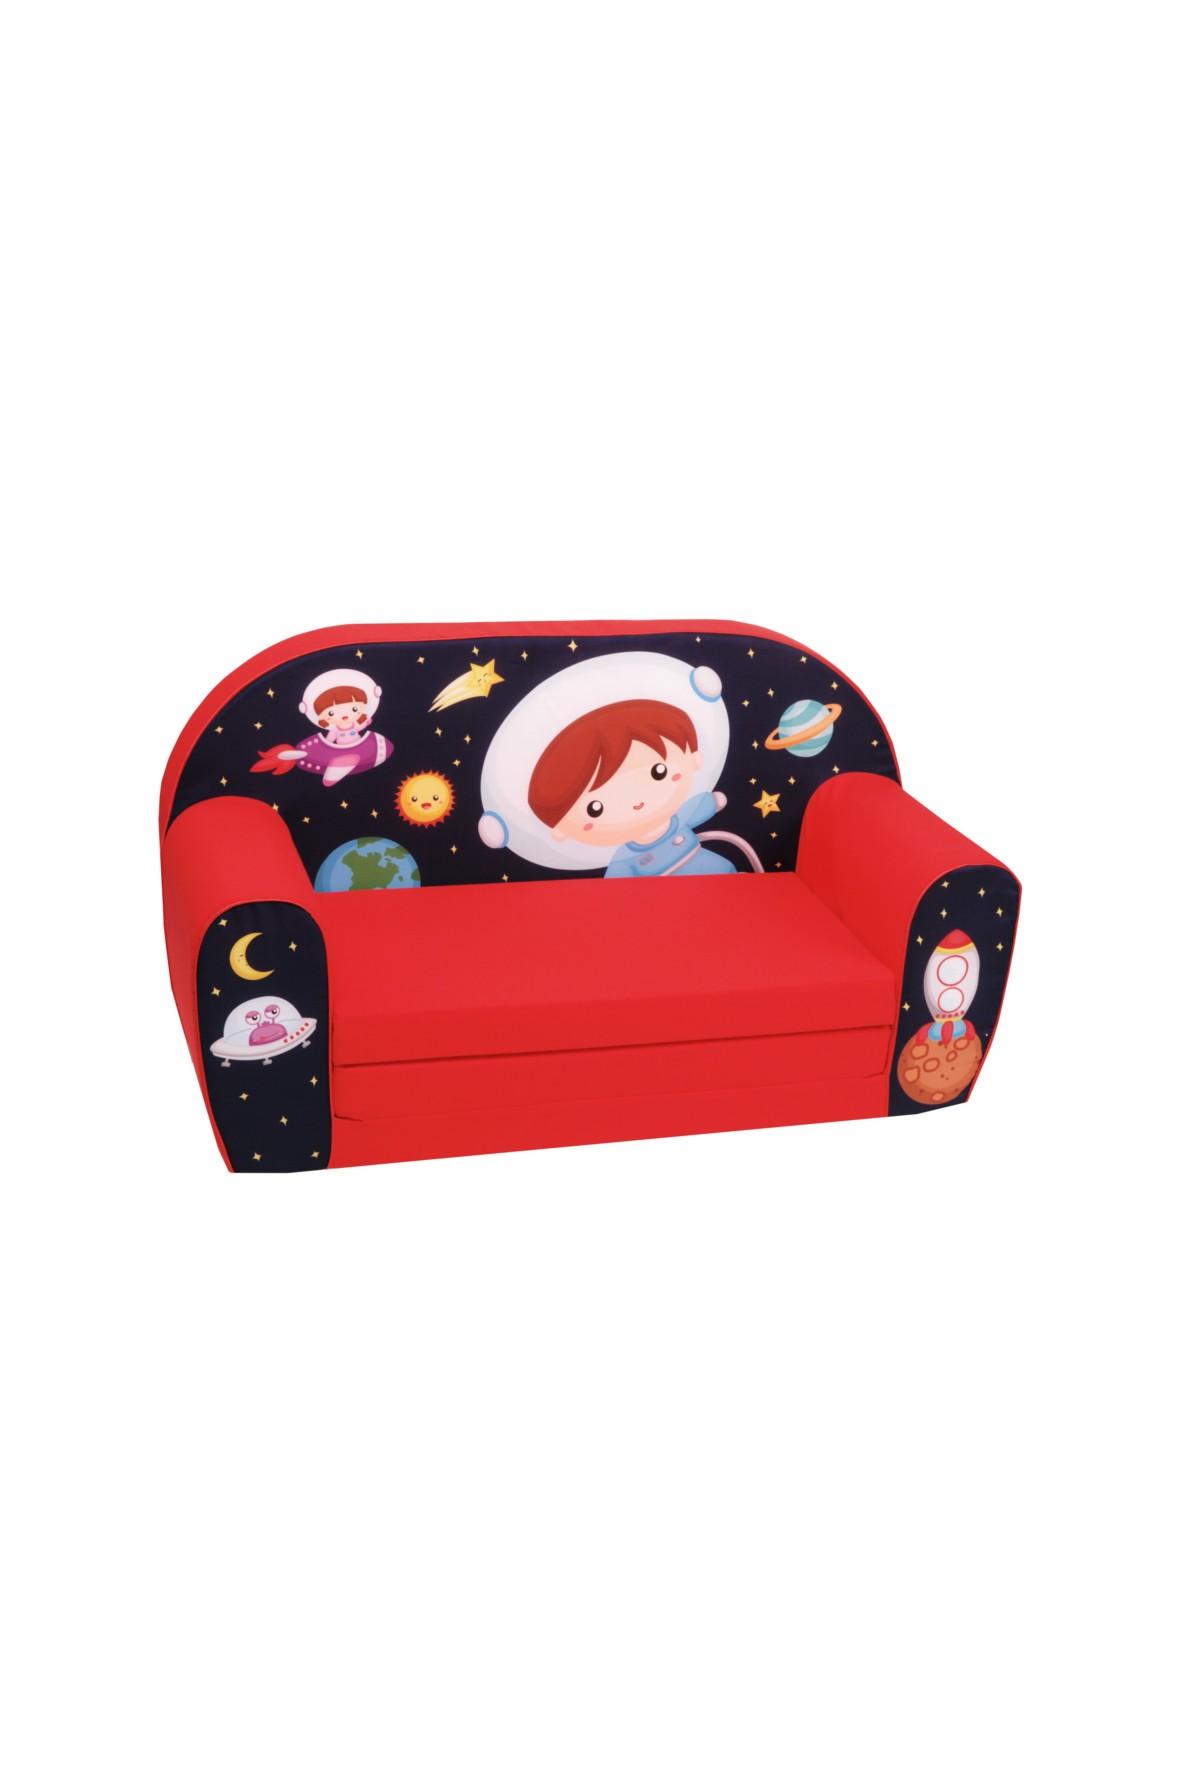 Rozkładana piankowa sofa dla dziecka Delsit Kosmonauta